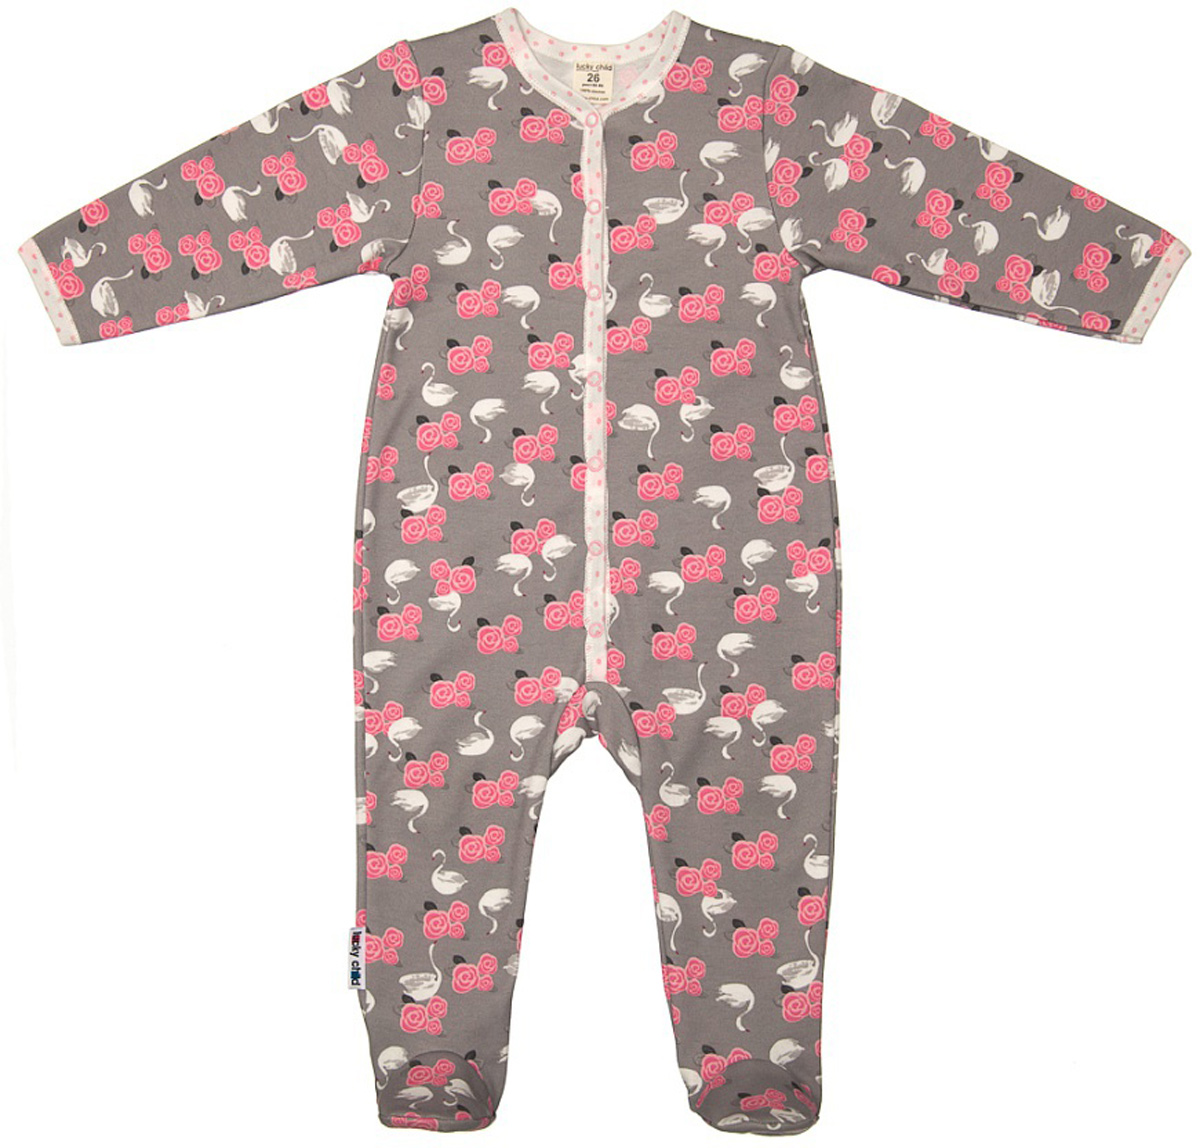 Комбинезон домашний детский Luky Child, цвет: серый. А2-103/цв. Размер 62/68А2-103/цвДетский комбинезон Lucky Child - очень удобный и практичный вид одежды для малышей. Комбинезон выполнен из натурального хлопка, благодаря чему он необычайно мягкий и приятный на ощупь, не раздражают нежную кожу ребенка и хорошо вентилируются, а эластичные швы приятны телу малыша и не препятствуют его движениям. Комбинезон с длинными рукавами и закрытыми ножками имеет застежки-кнопки, которые помогают легко переодеть младенца или сменить подгузник. С детским комбинезоном Lucky Child спинка и ножки вашего малыша всегда будут в тепле, он идеален для использования днем и незаменим ночью. Комбинезон полностью соответствует особенностям жизни младенца в ранний период, не стесняя и не ограничивая его в движениях!